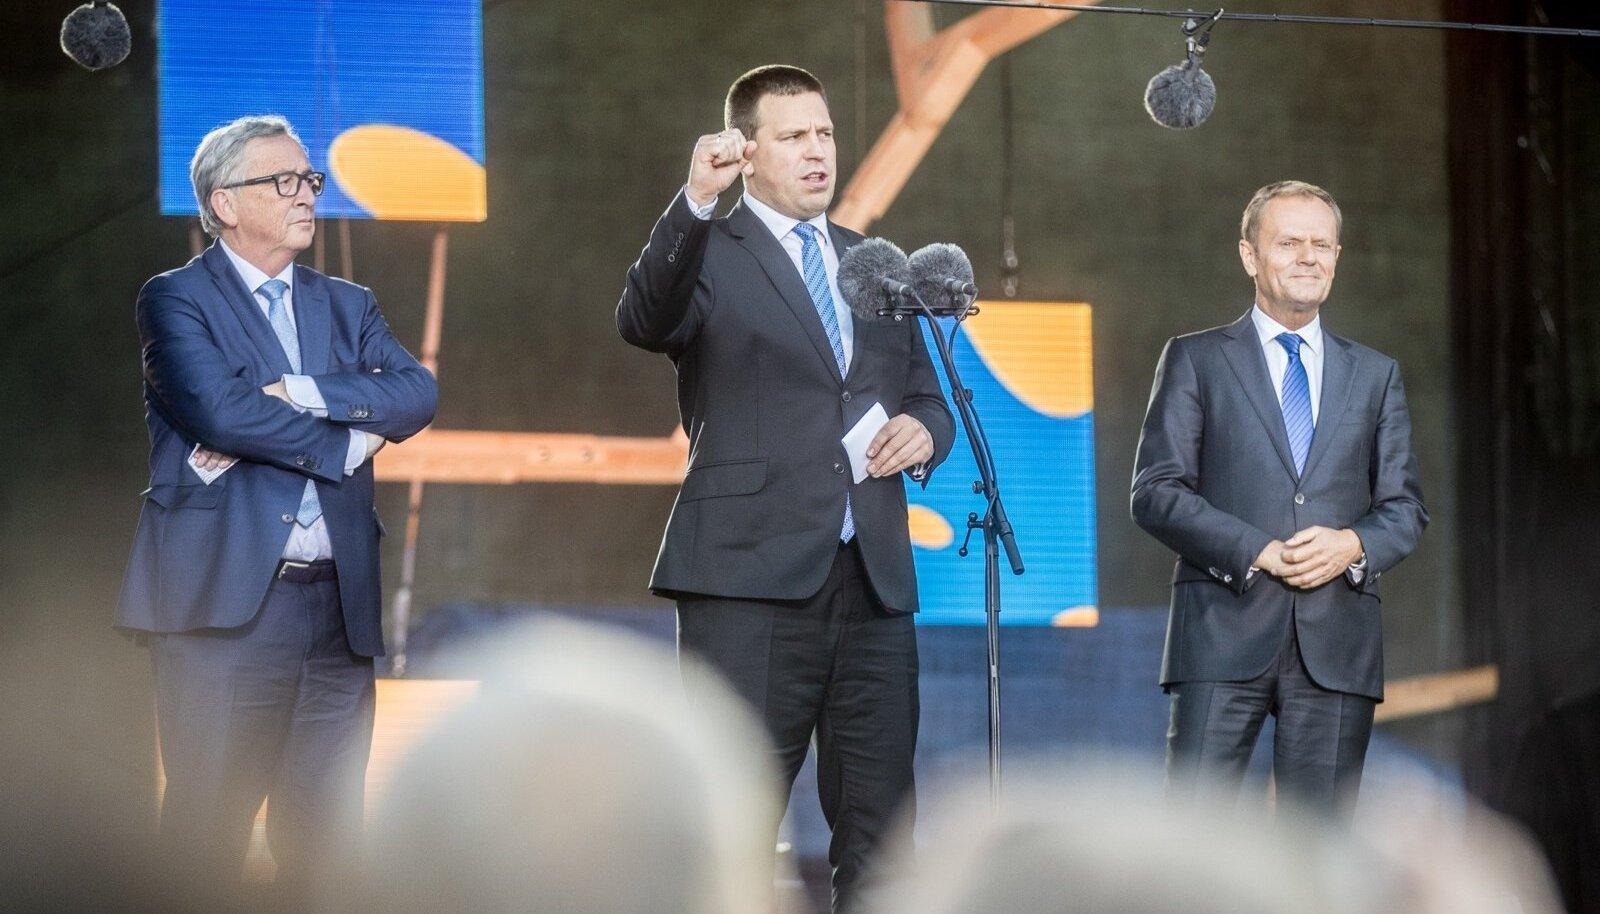 Eesti Euroopa Liidu eesistumise kontsert Vabaduse väljakul